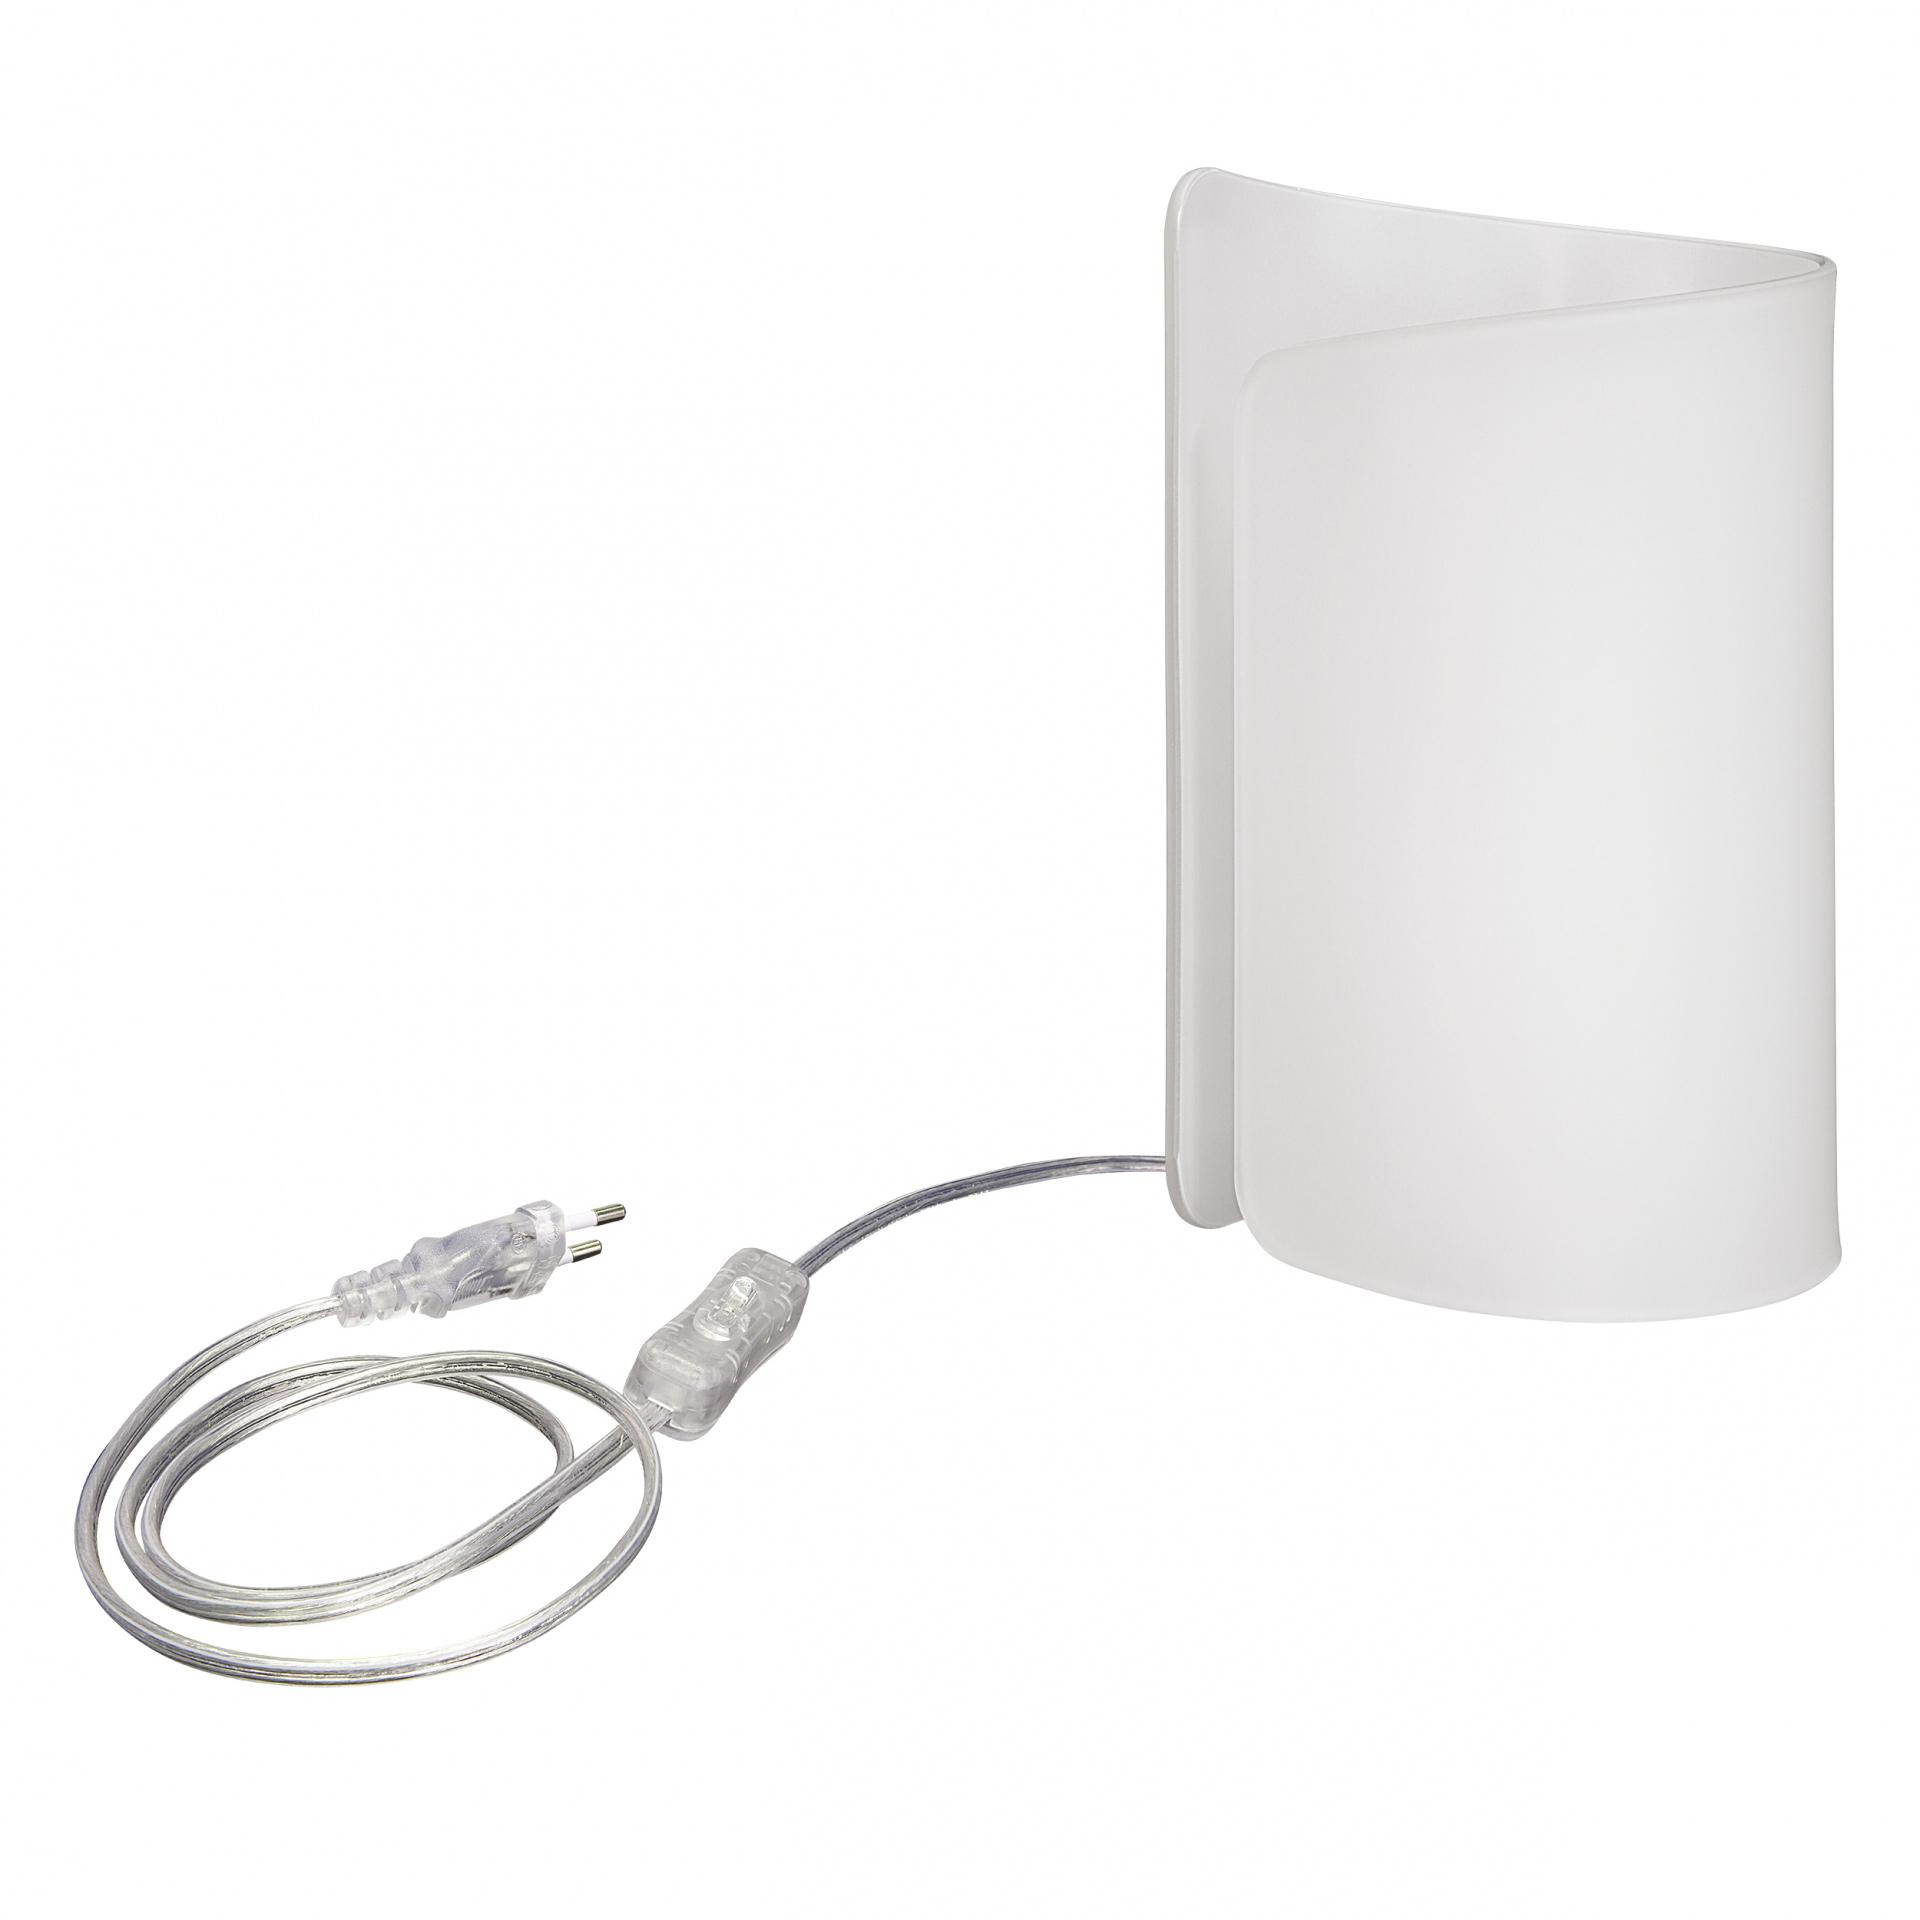 Настольная лампа Pittore 1х40W E27 белый Lightstar 811910, купить в СПб, Москве, с доставкой, Санкт-Петербург, интернет-магазин люстр и светильников Starlight, фото в жизни